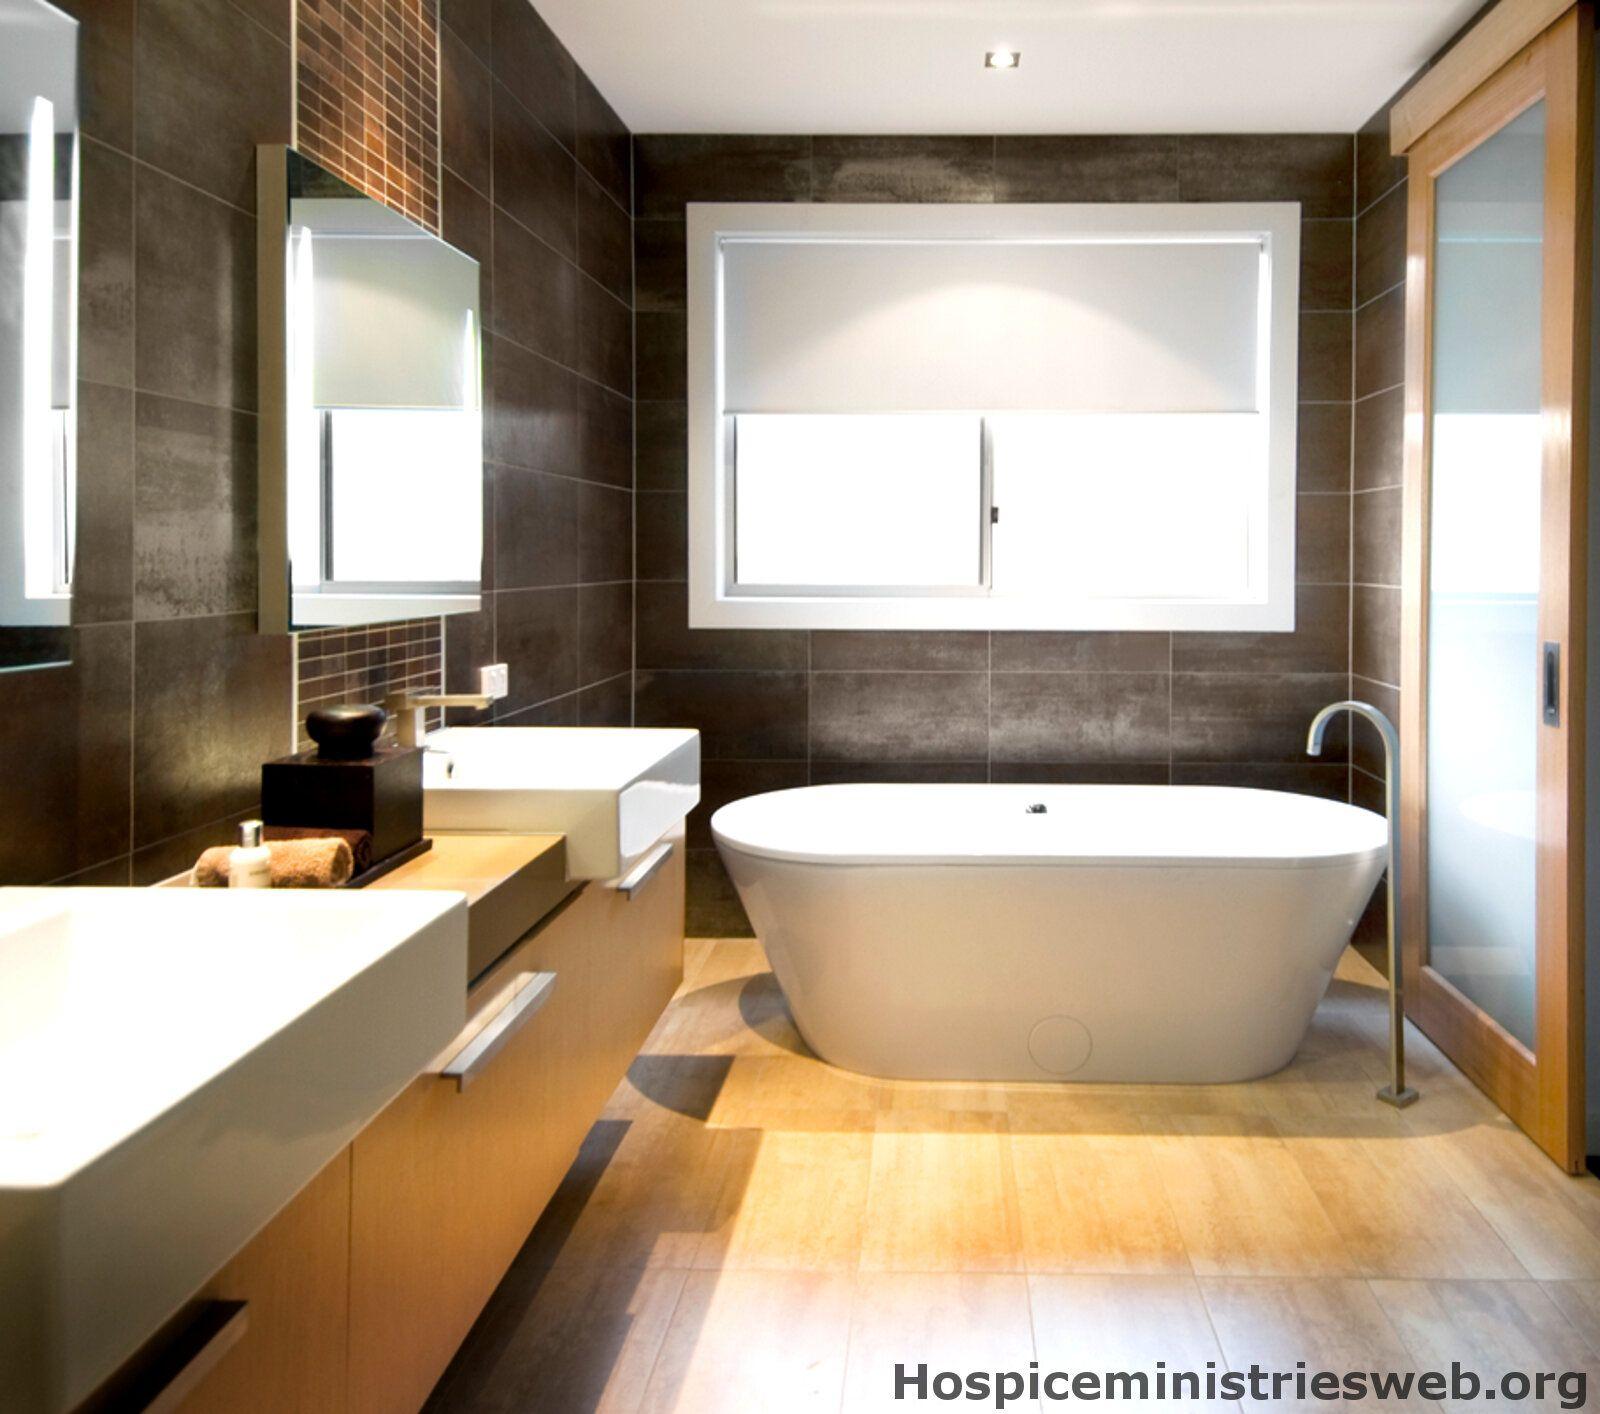 35 Ideen Fur Badezimmer Braun Beige Wohn Ideen Badezimmer Braun Badezimmer Badezimmer Farbideen